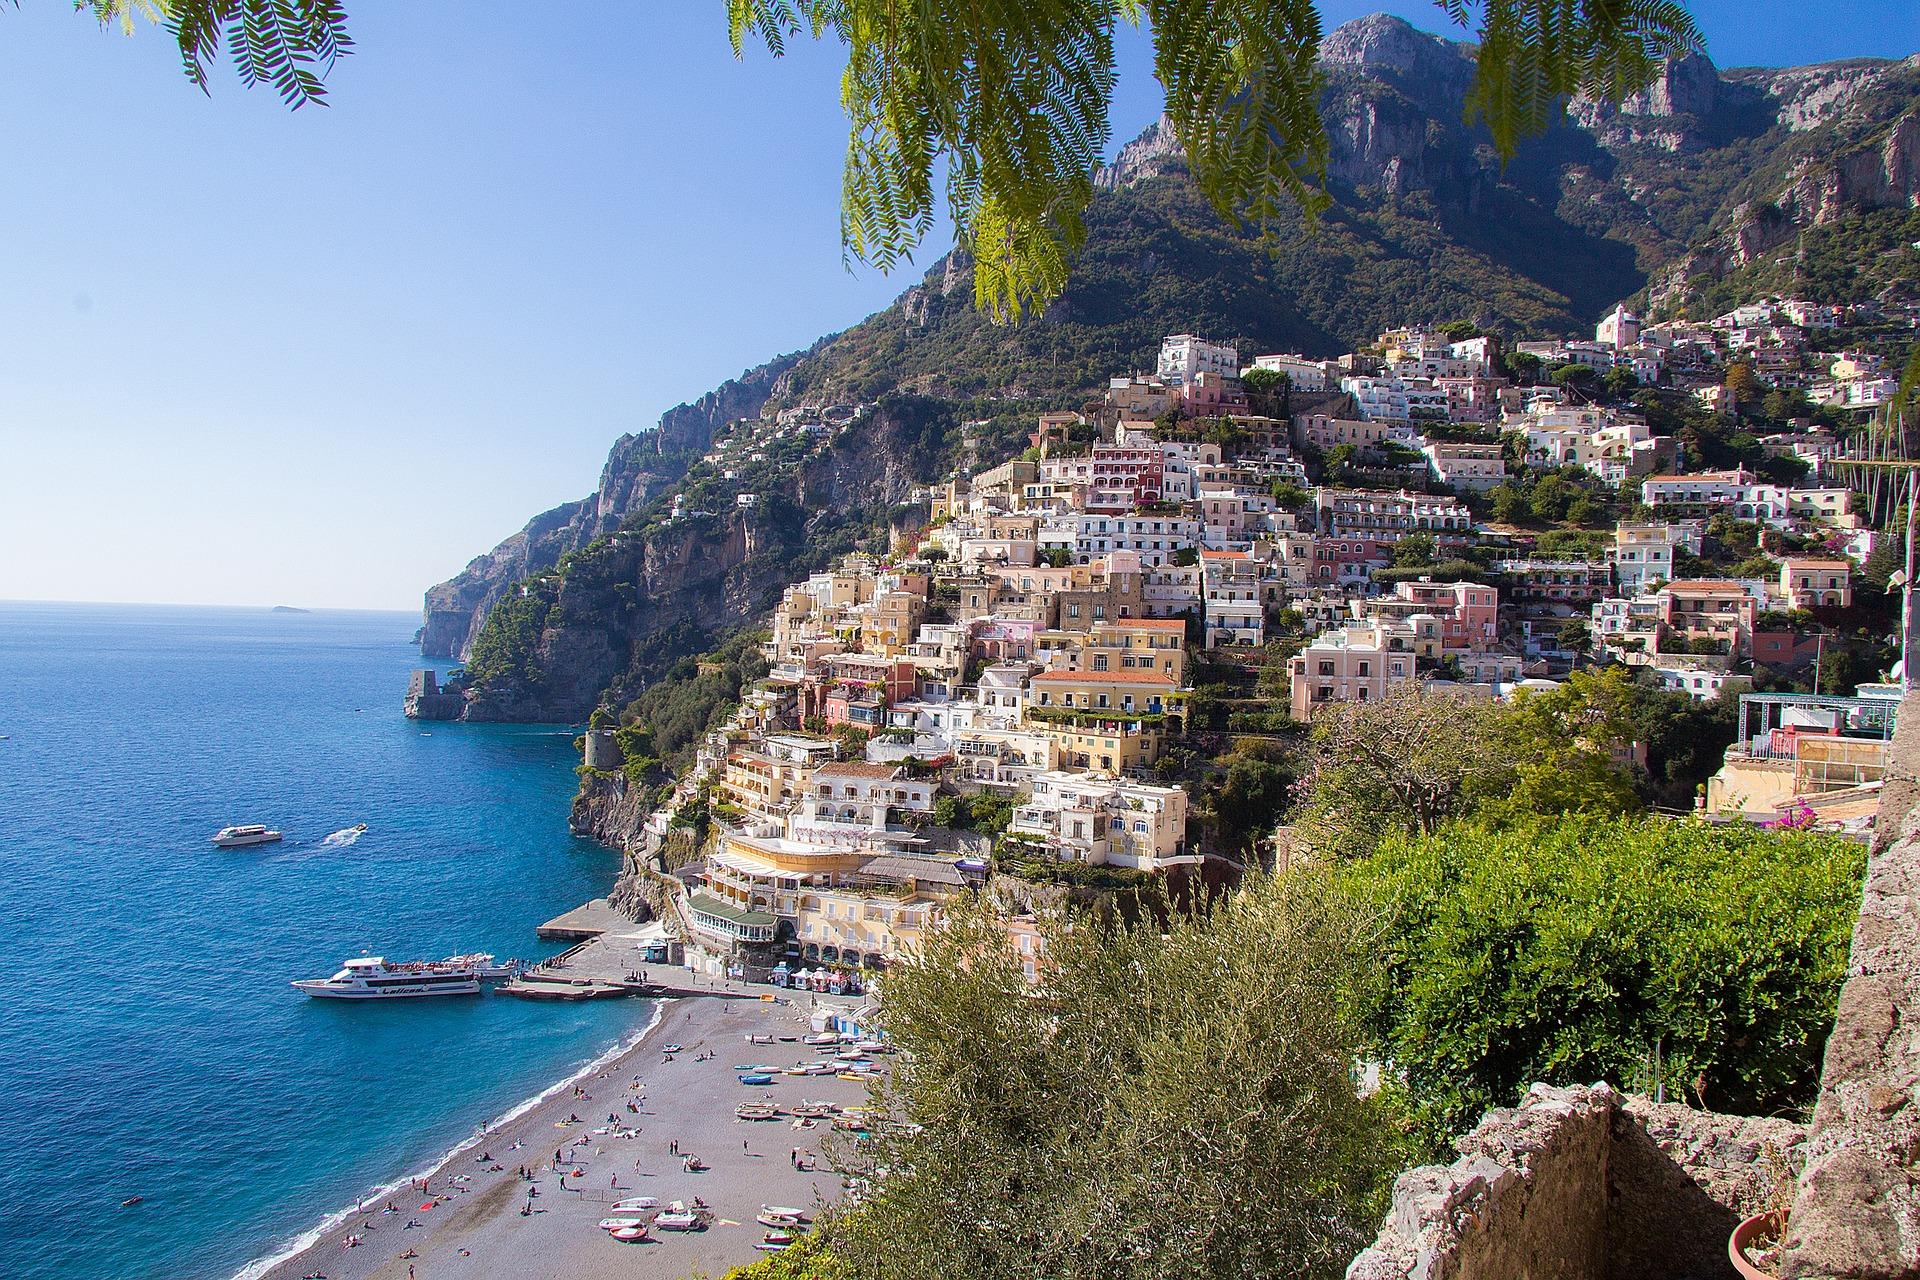 amalfi-coast-862299_1920.jpg